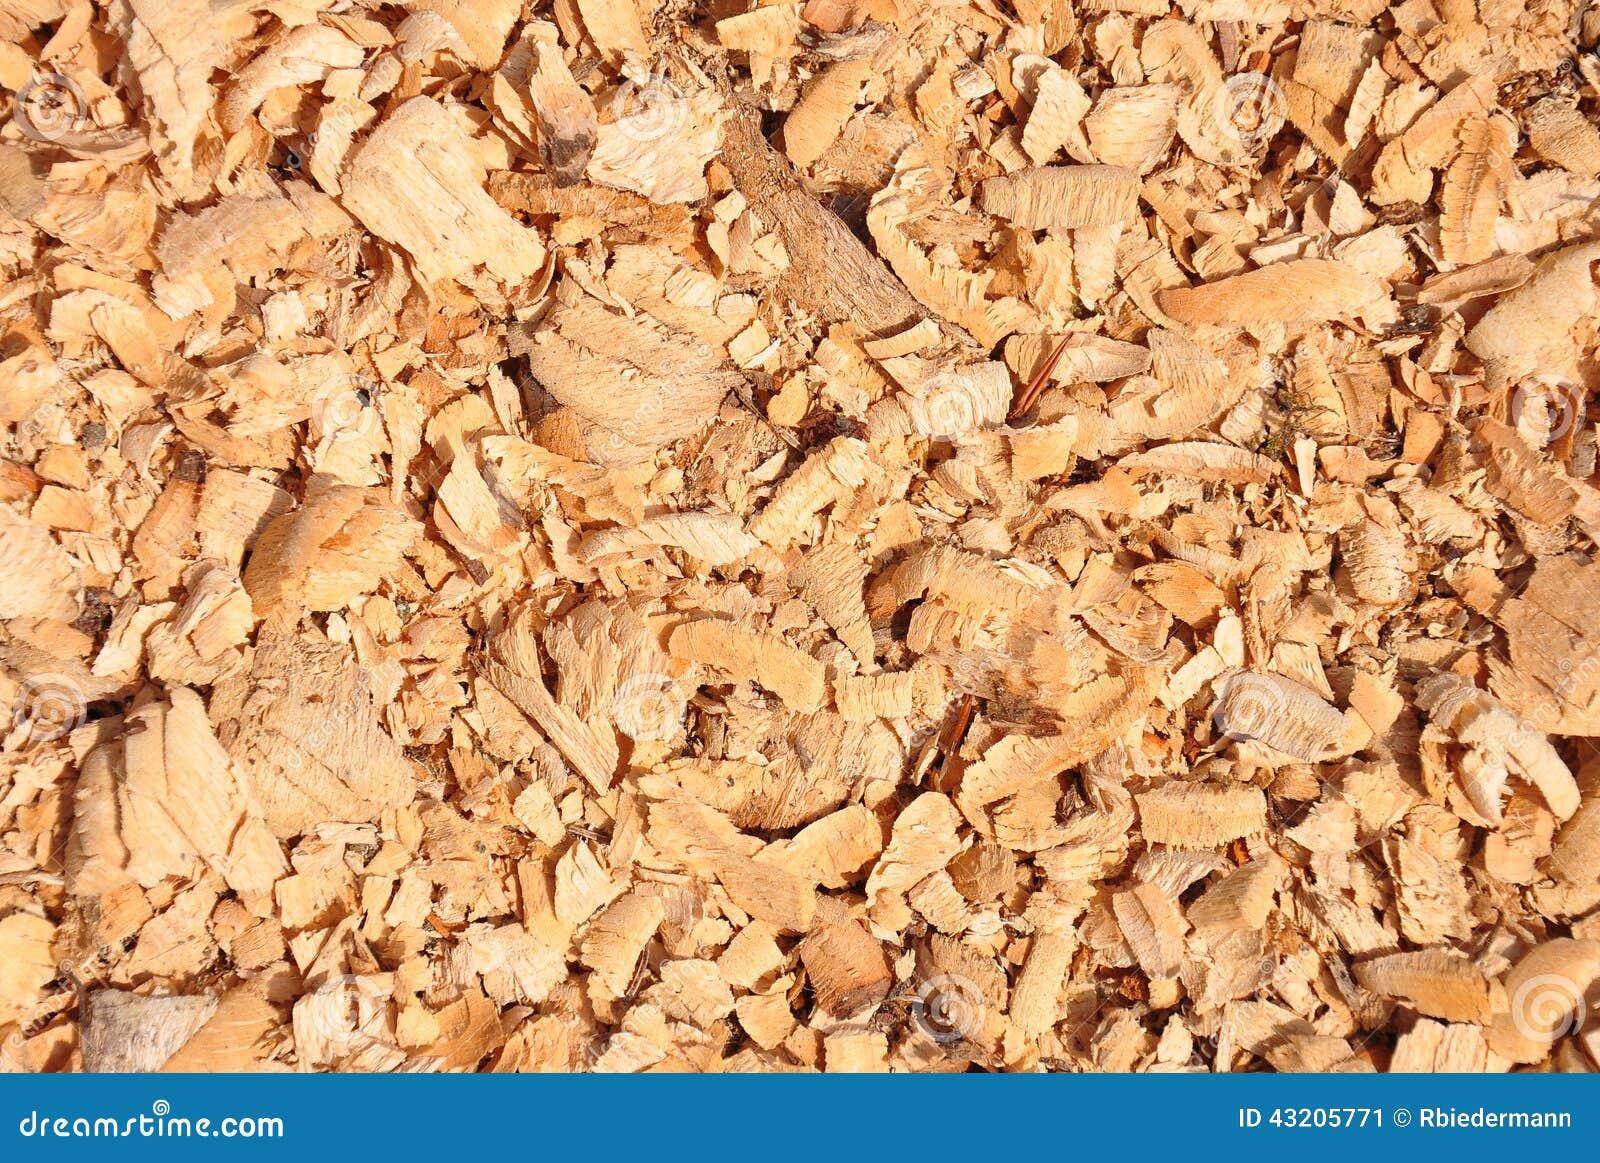 Beaver chips